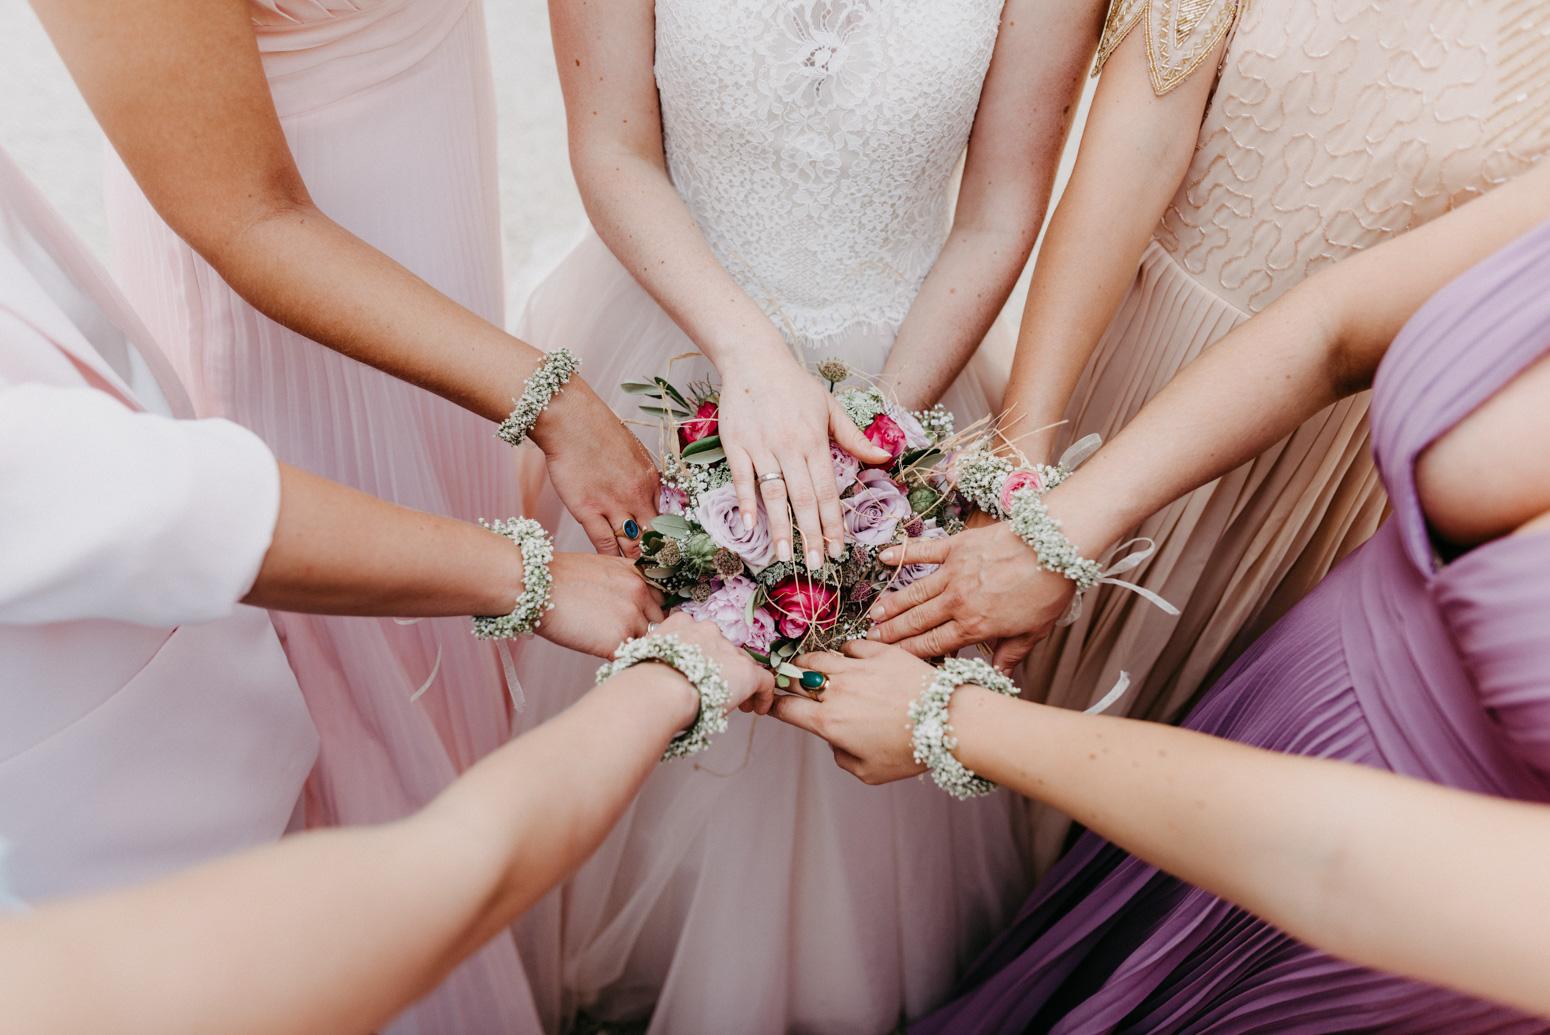 Brautjungfernkleider und Blumenarmbänder der Brautjungfern. Hochzeitsfotografin Daria Becker von Genuine Bonds aus Bonn